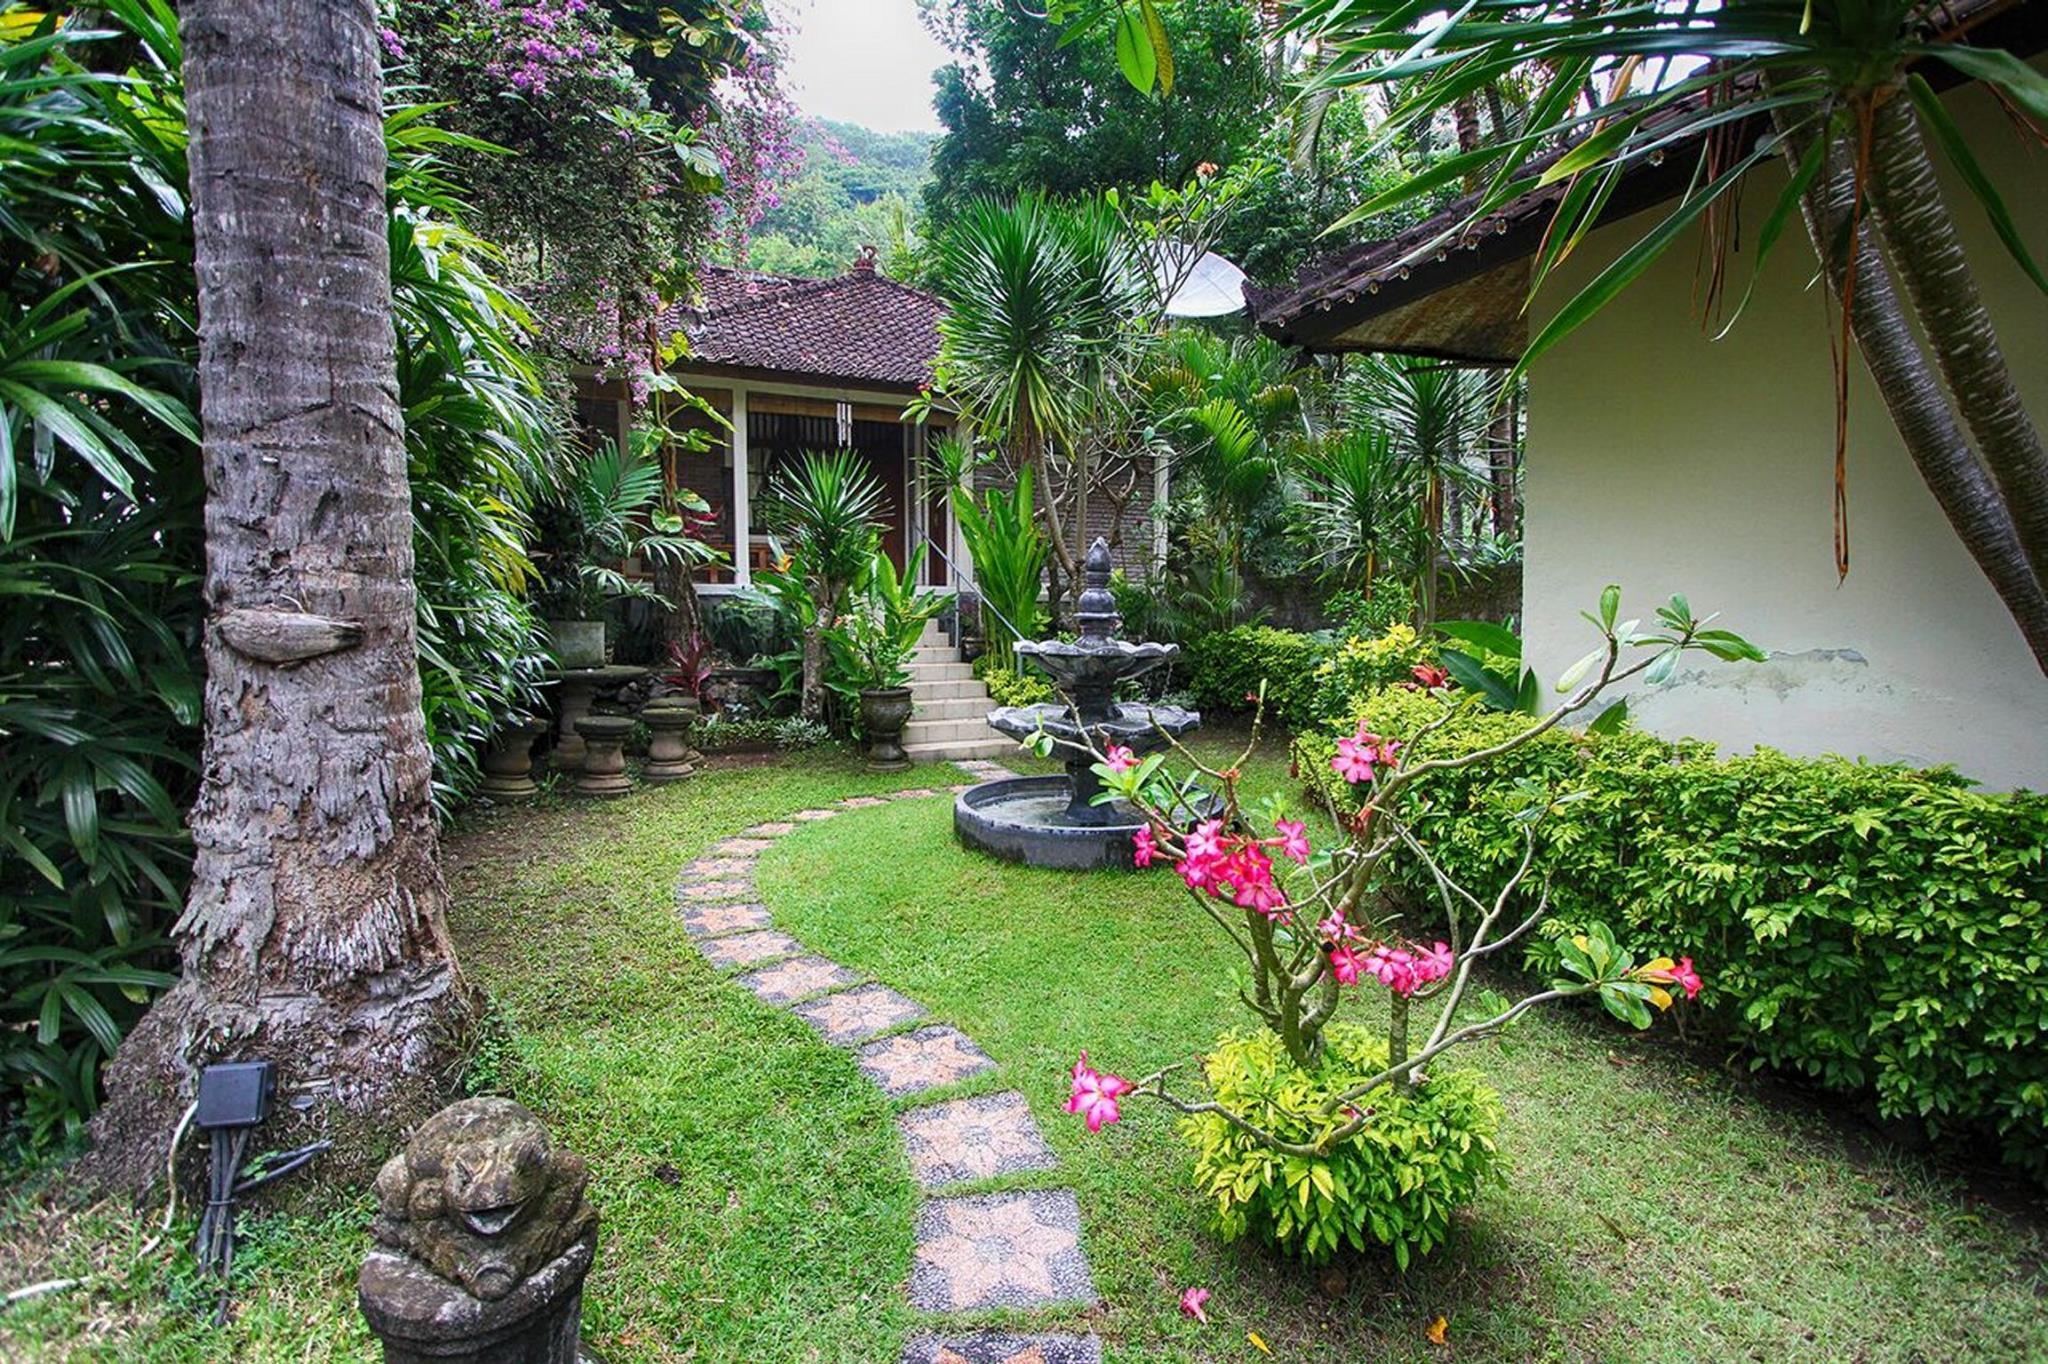 Dasa Wana Resort